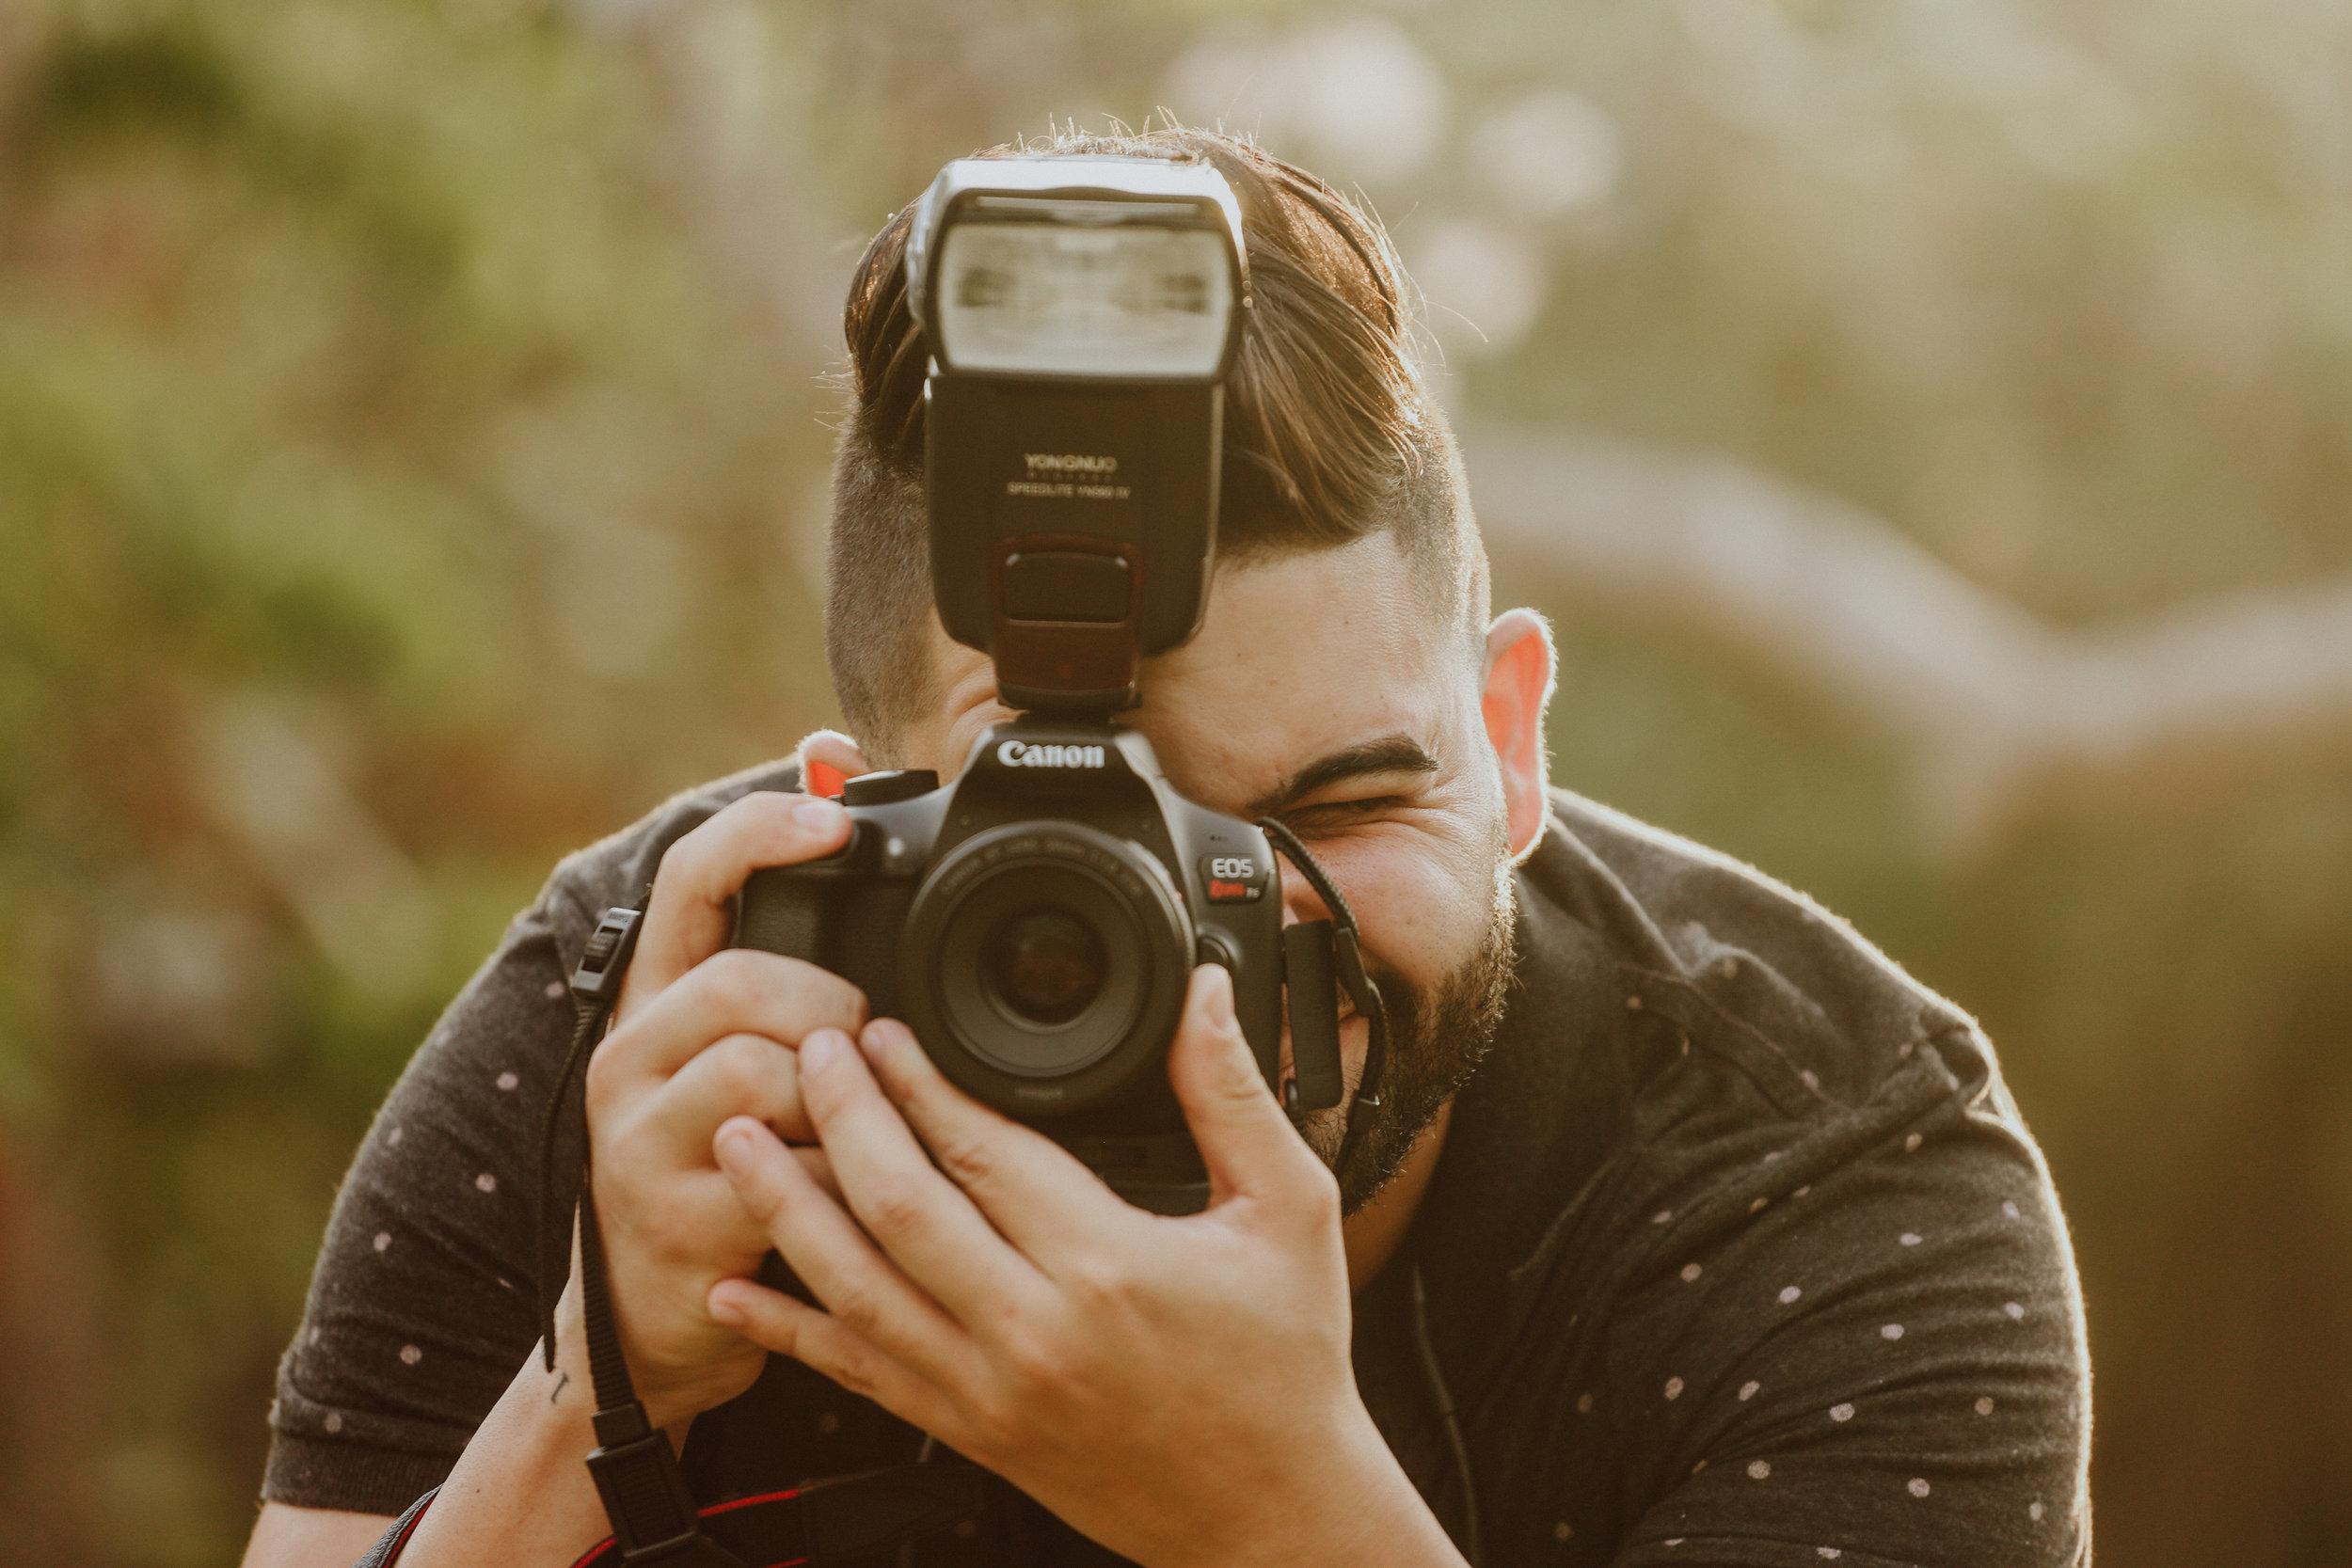 Curso Intermedio Fotografía $175 - Este curso es ideal para todo fotógrafo que ya tenga conocimiento básico en la fotografía. Deberá saber utilizar su cámara en modo manual correctamente.